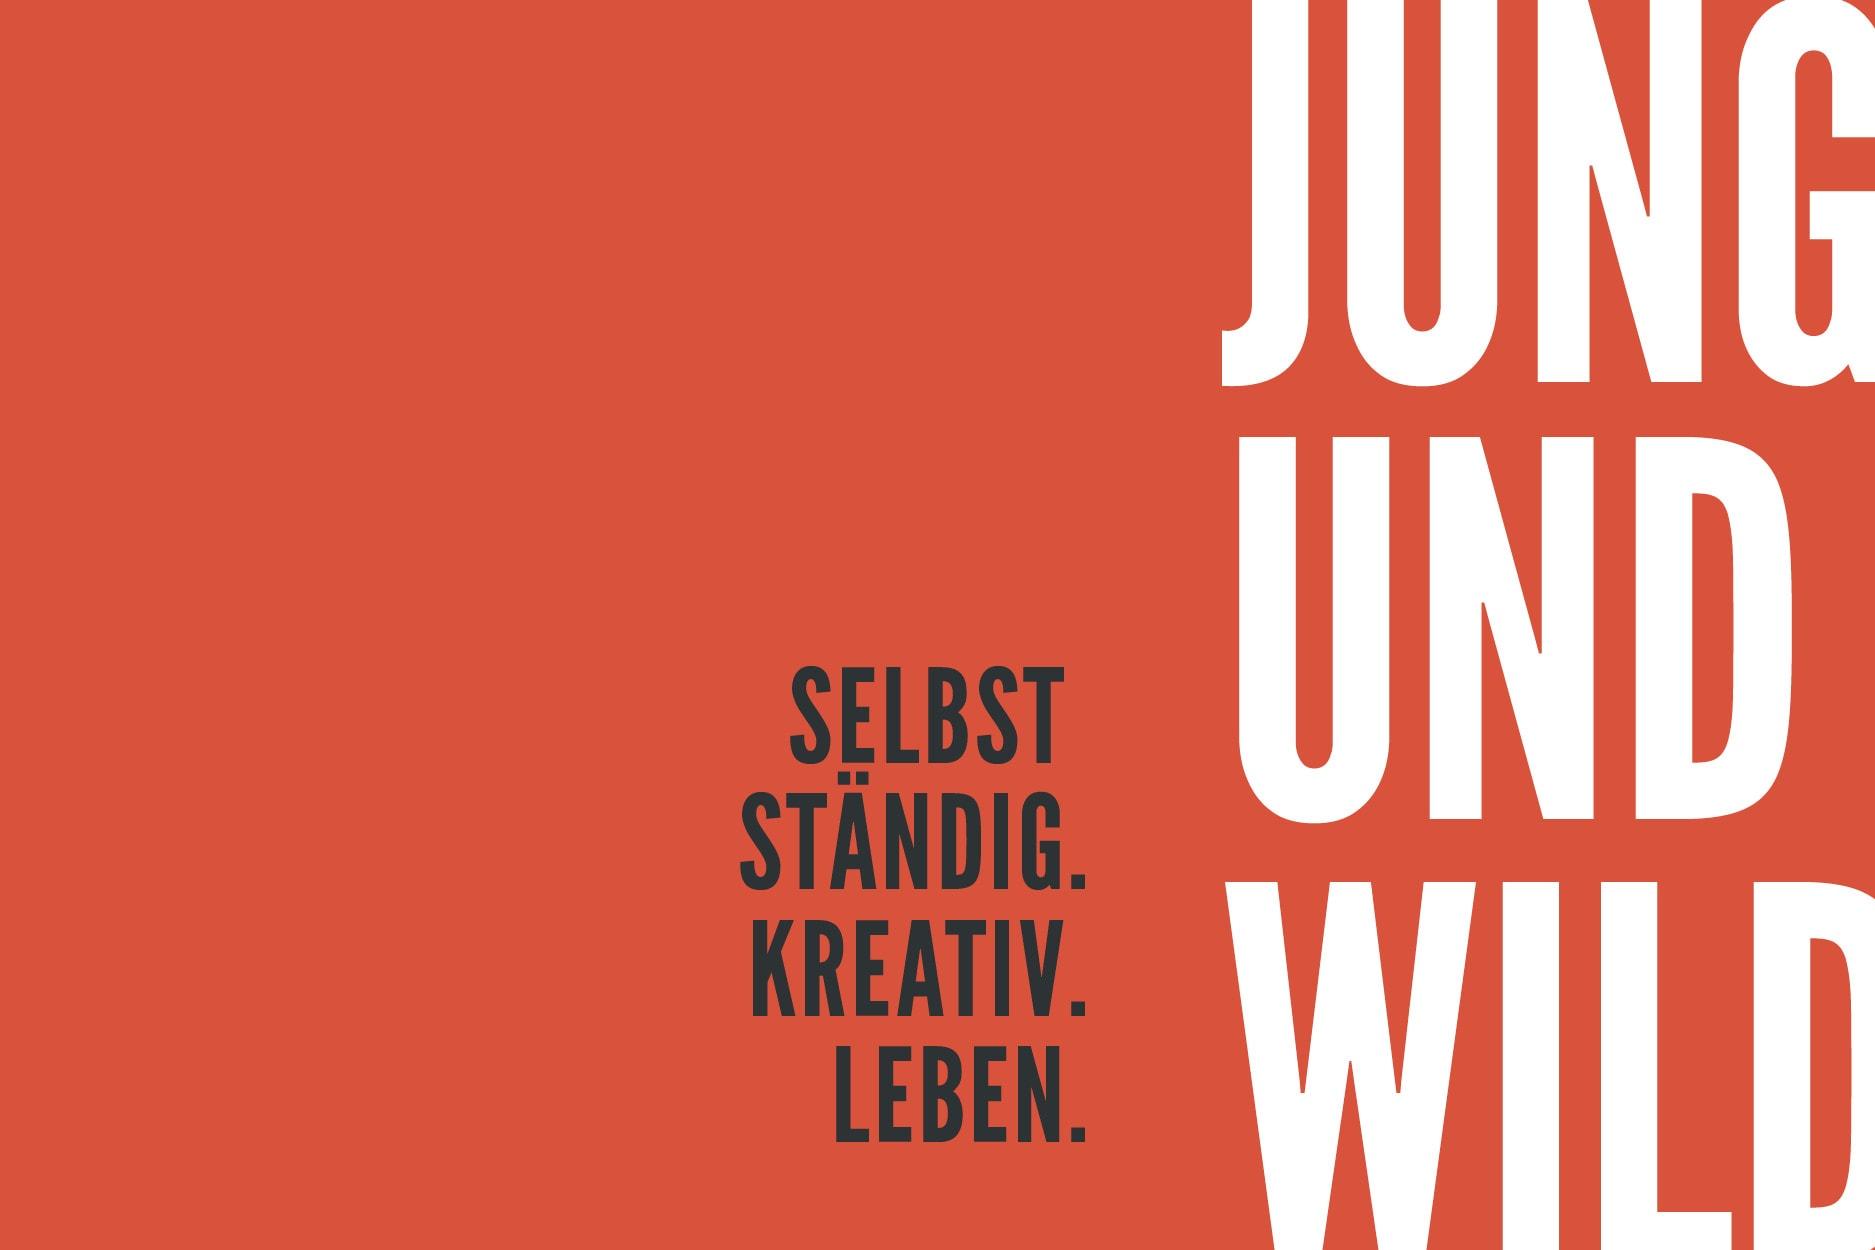 Podcast von Jung und Wild design - der Jung und Wild Podcast zum Thema Selbstständigkeit, Kreativität und Leben